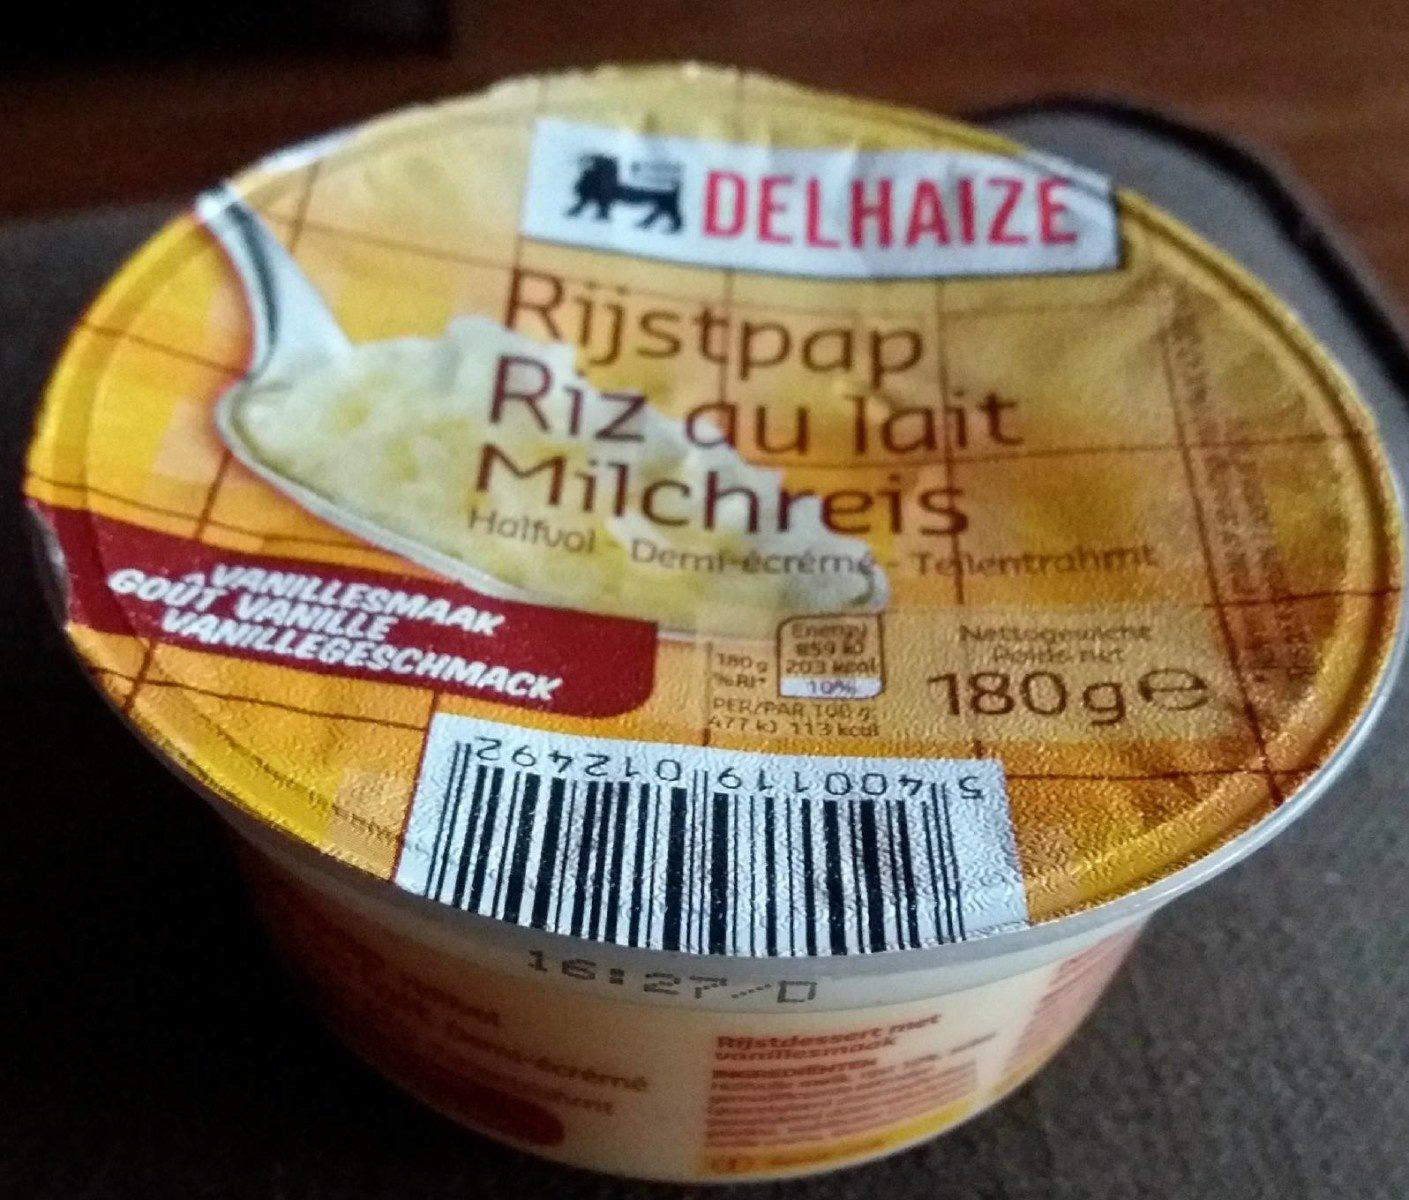 Riz au lait - demi-écrémé - Product - fr